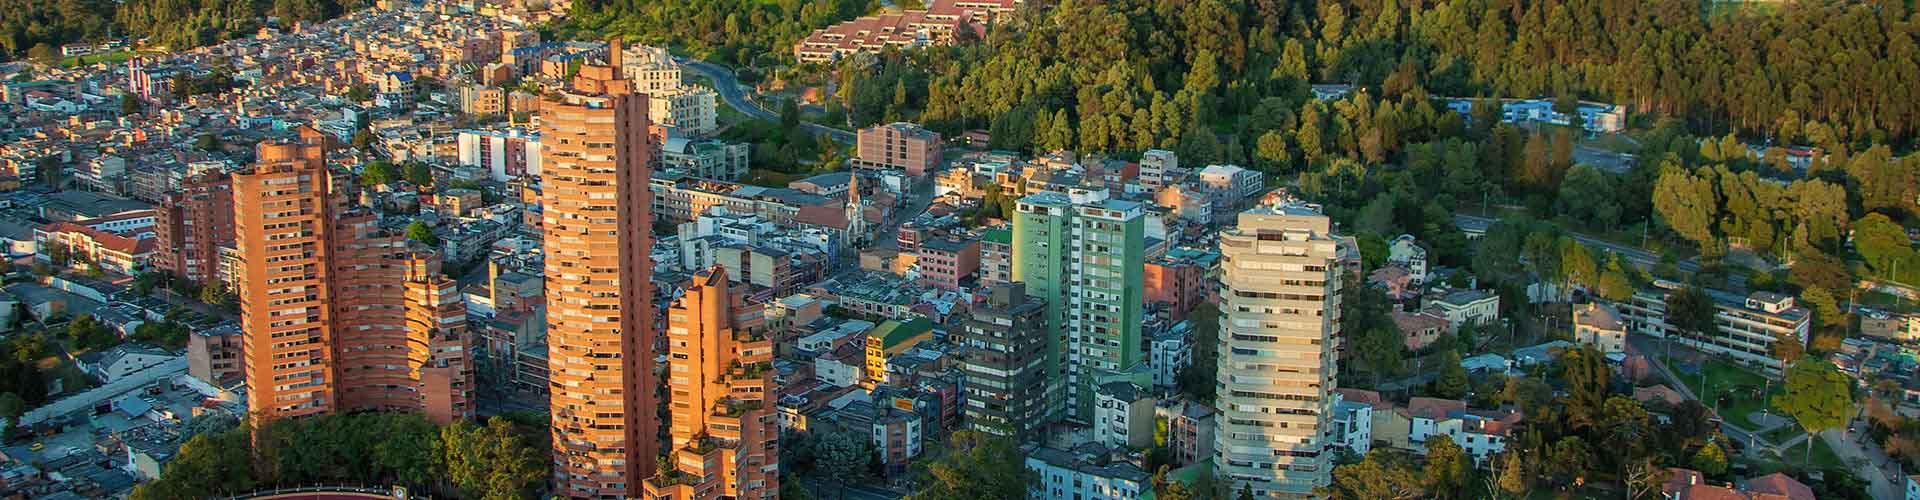 Bogota - Hostelů v Bogota. Mapy pro Bogota, fotky a recenze pro každý hostel v Bogota.